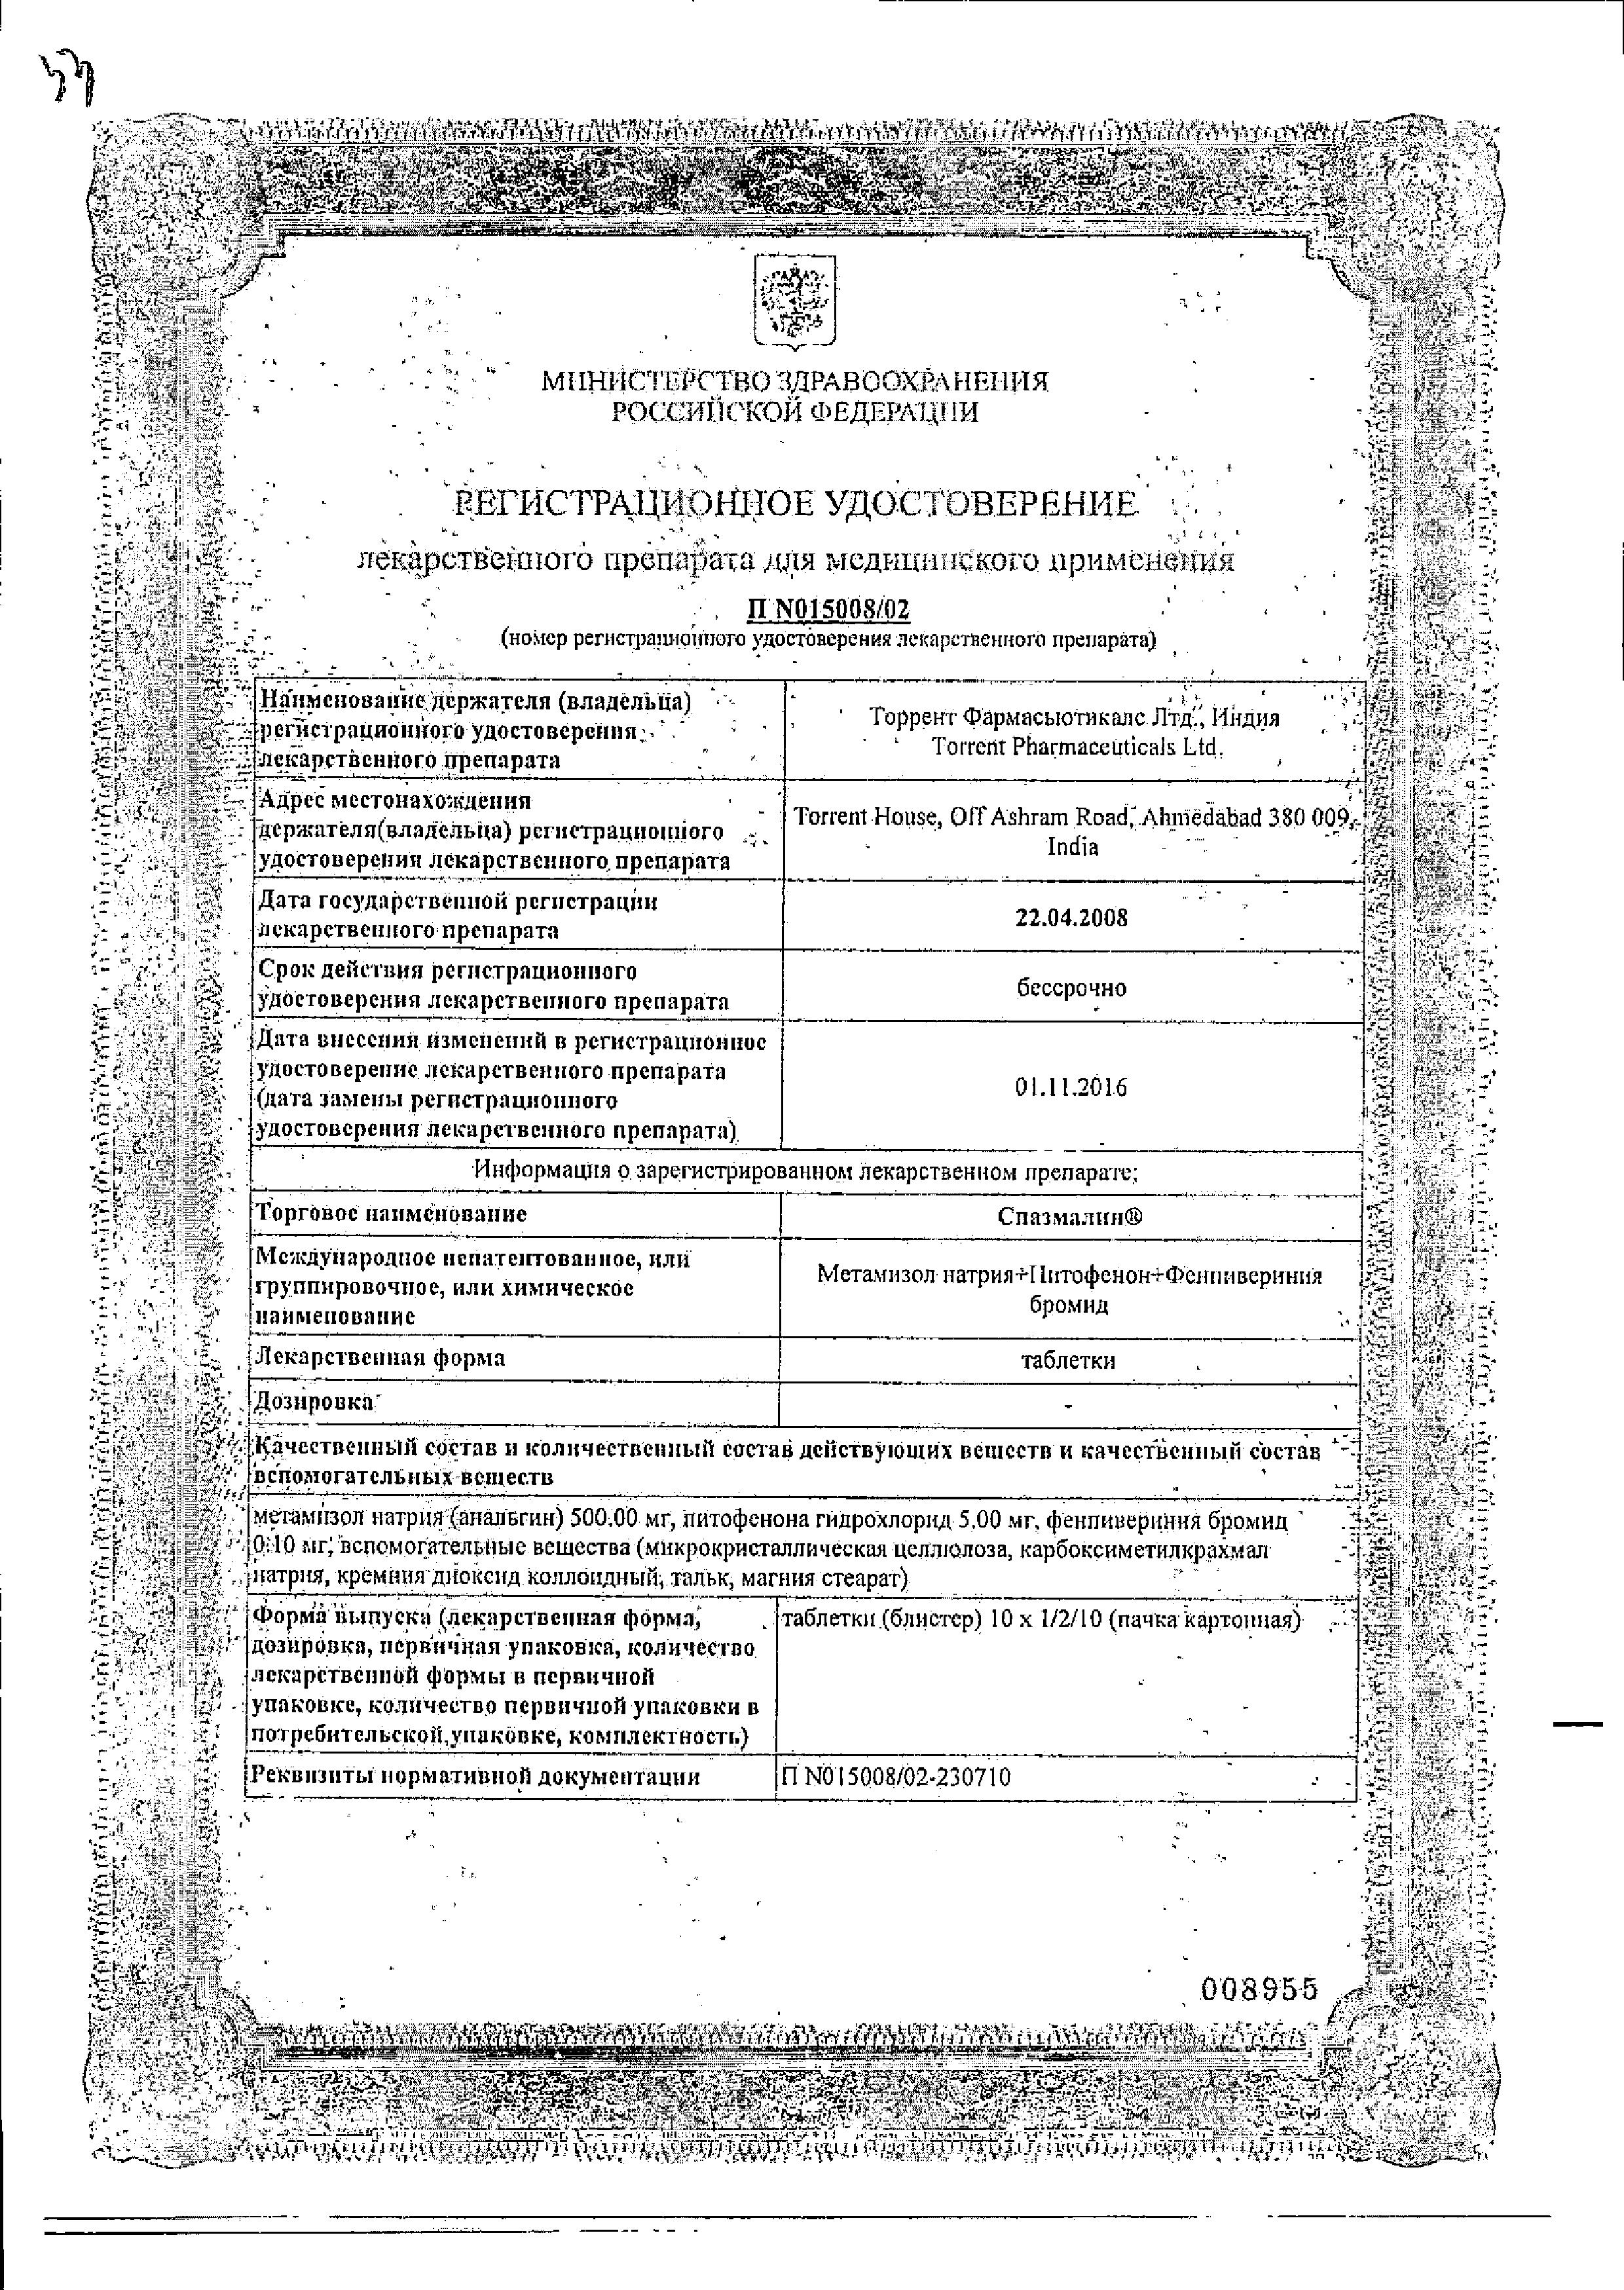 Спазмалин сертификат